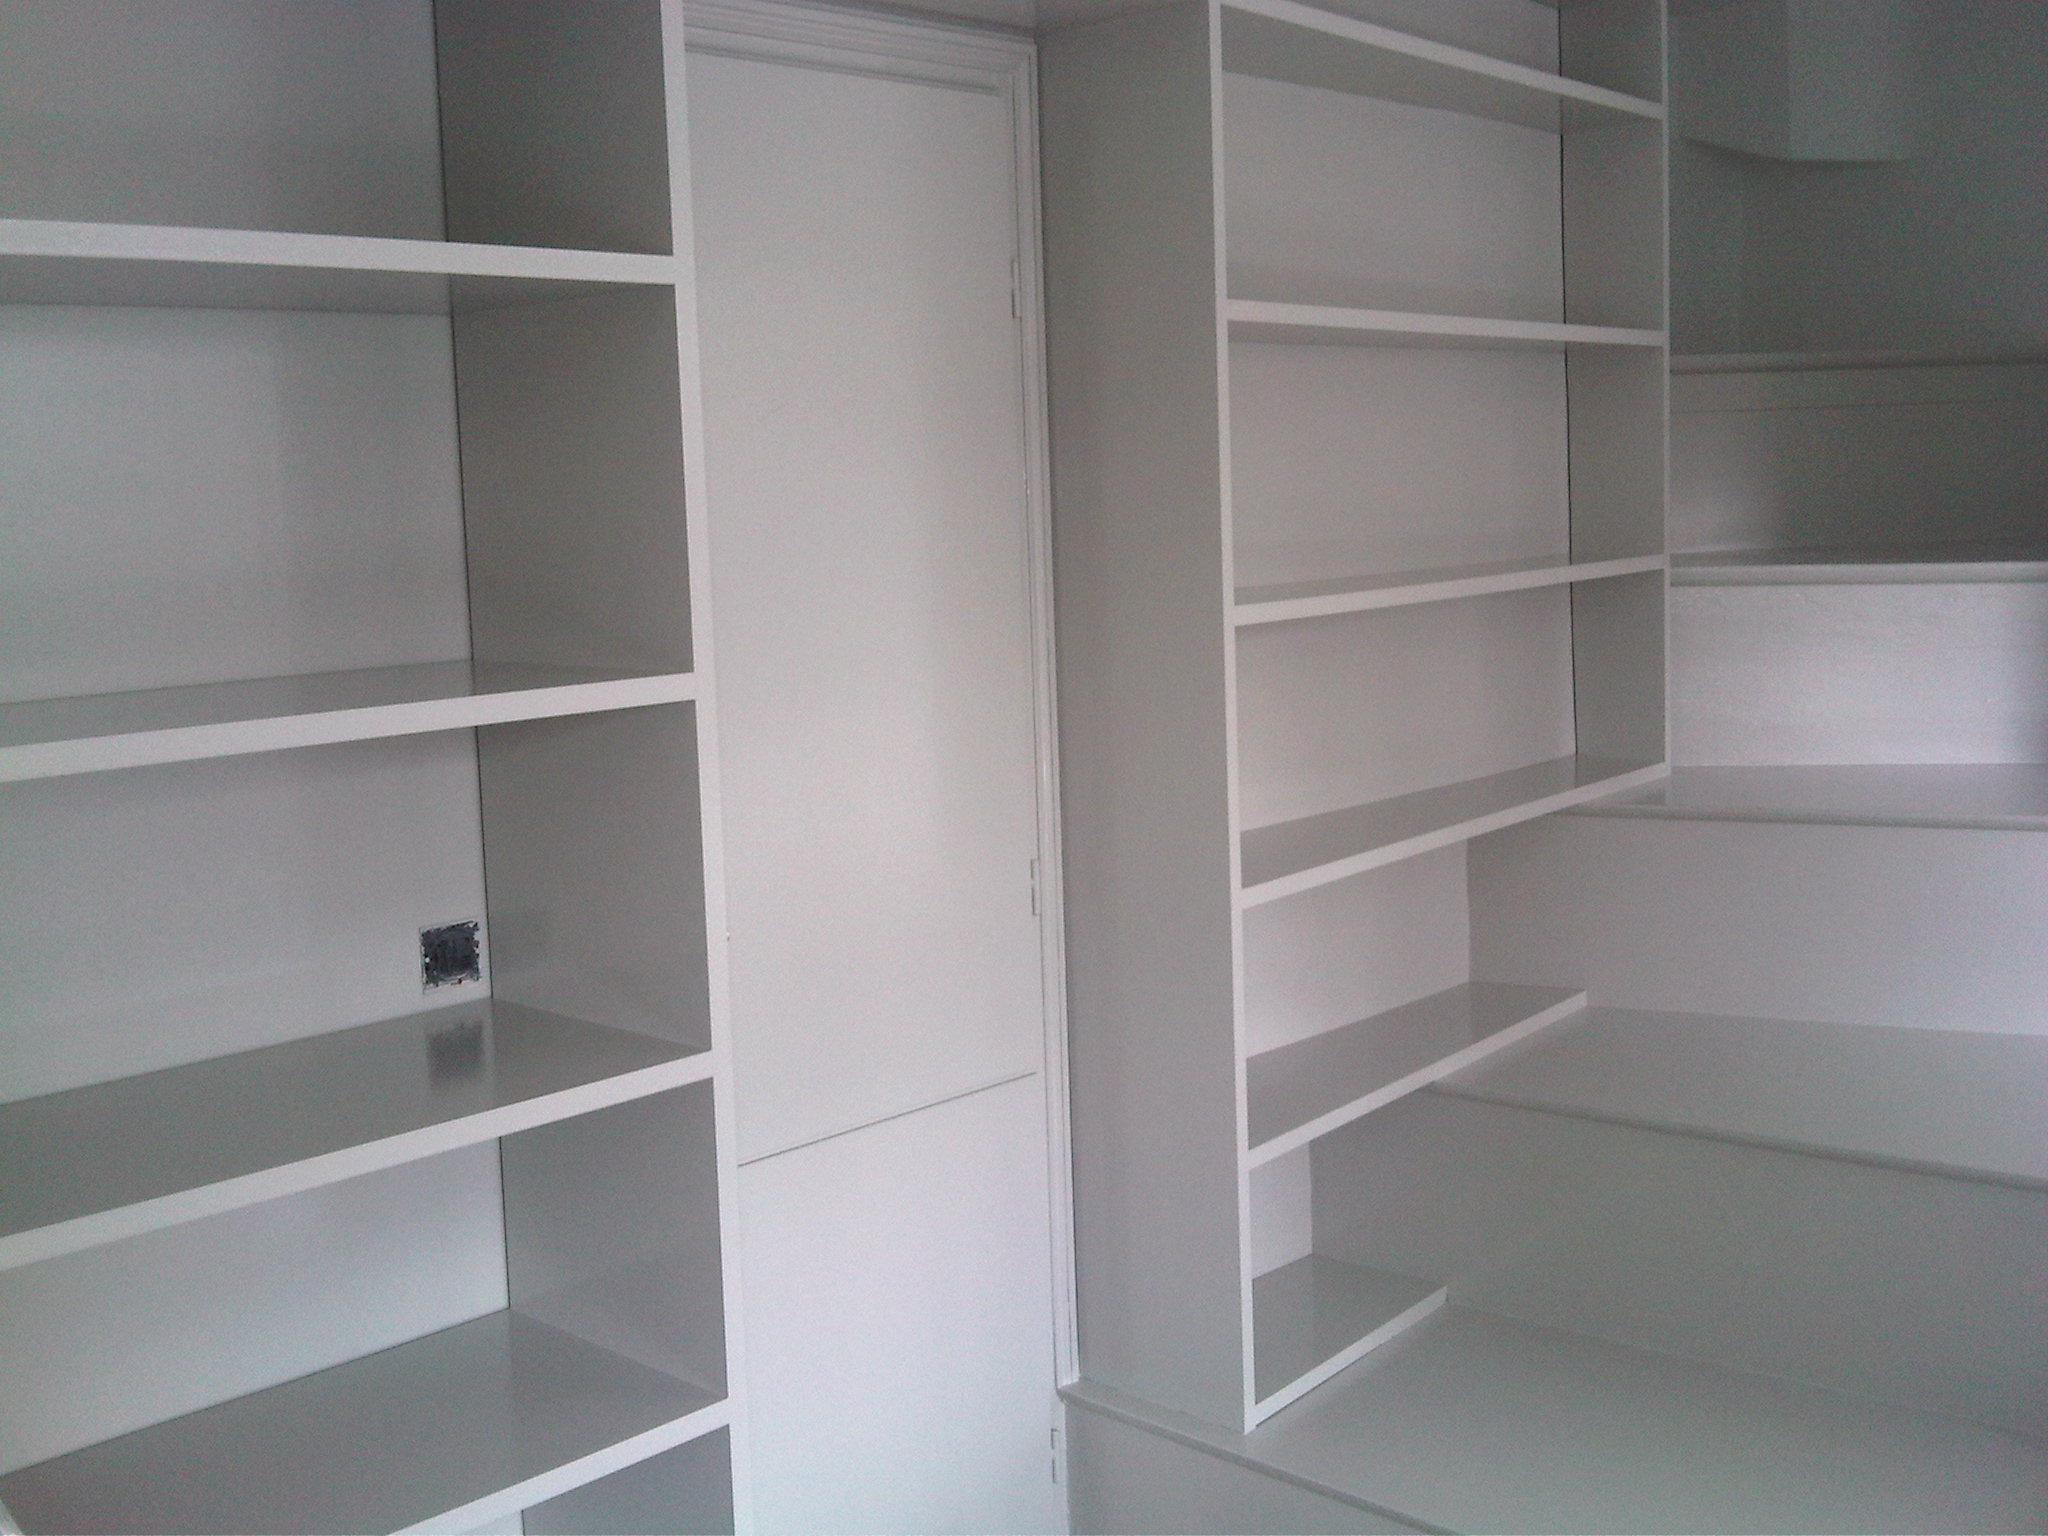 devis travaux peinture entreprise peinture paris entreprise peinture devis bonpeintreprofessionnel. Black Bedroom Furniture Sets. Home Design Ideas